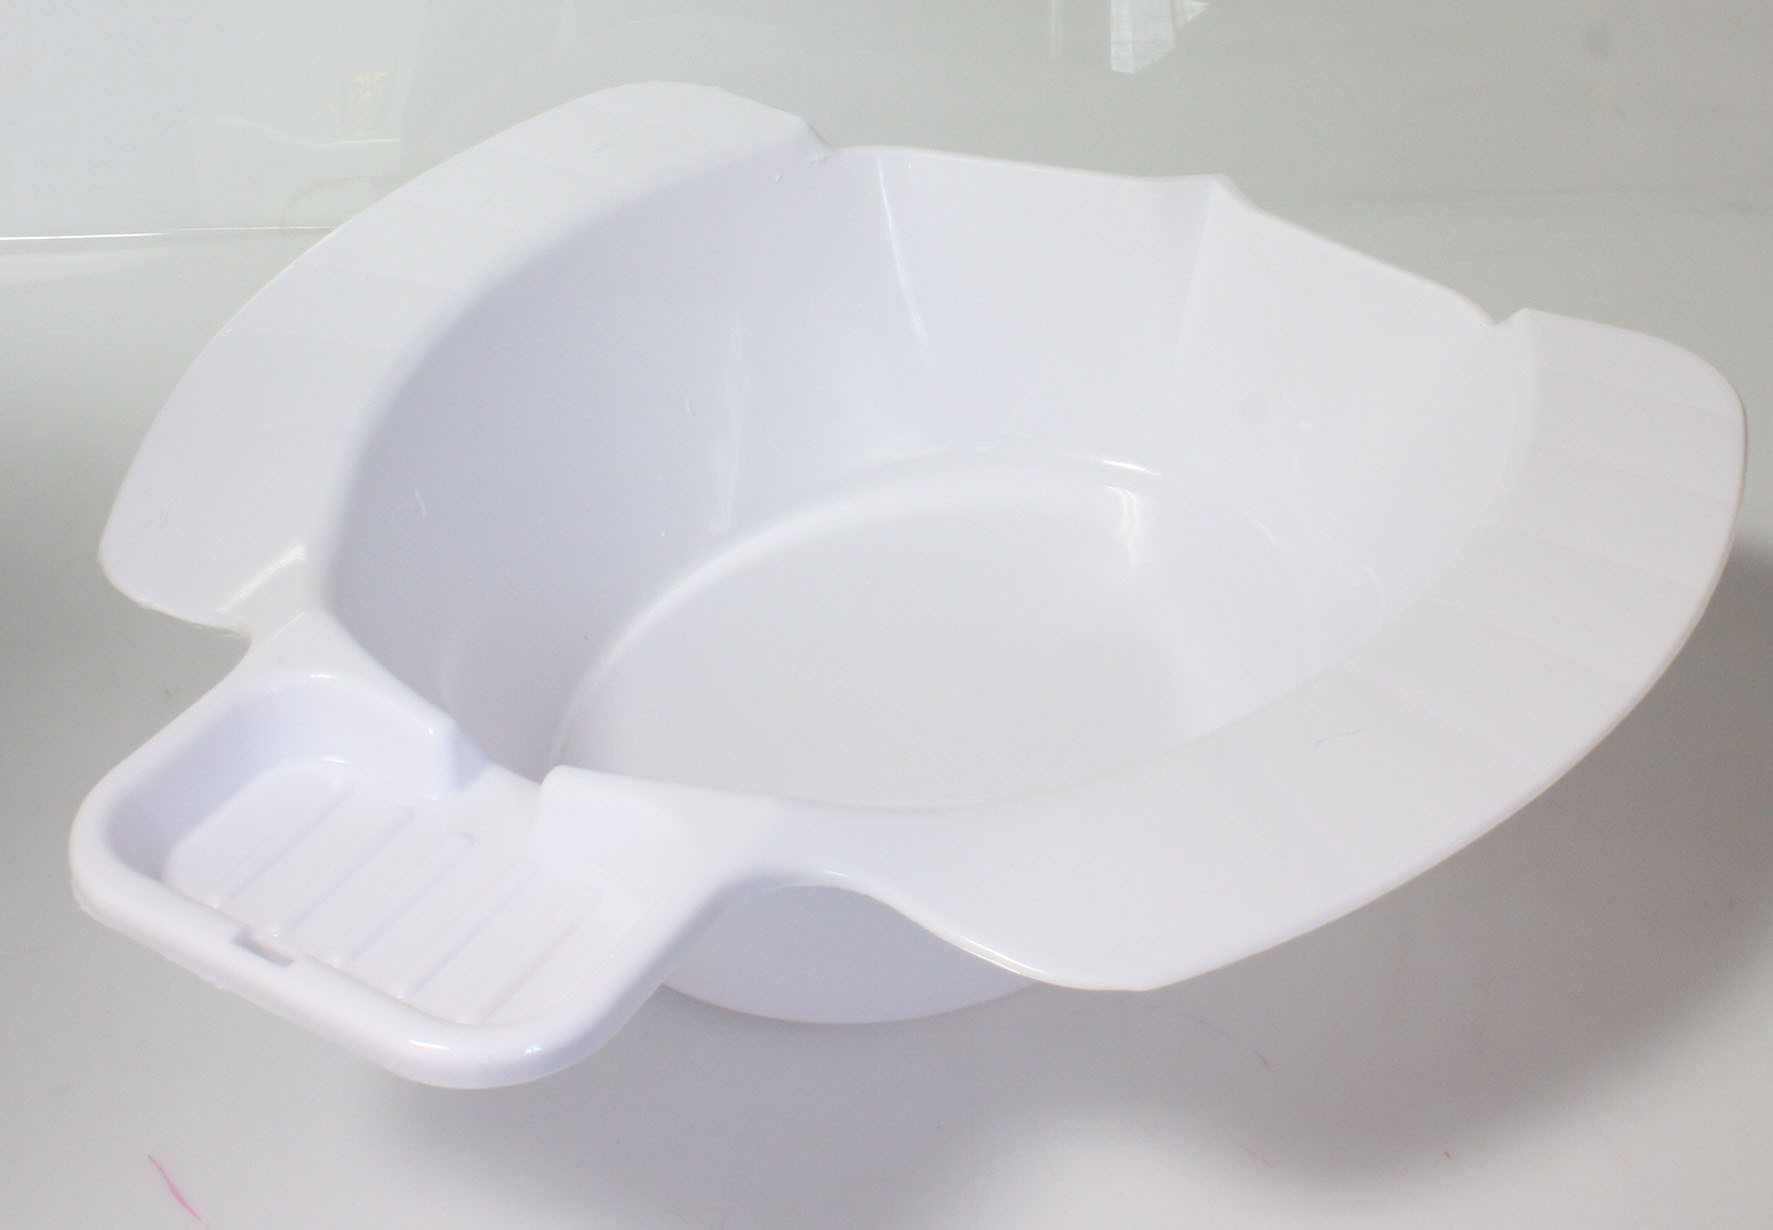 Bidet Plastique Blanc 2256 Materiel Medical Articles